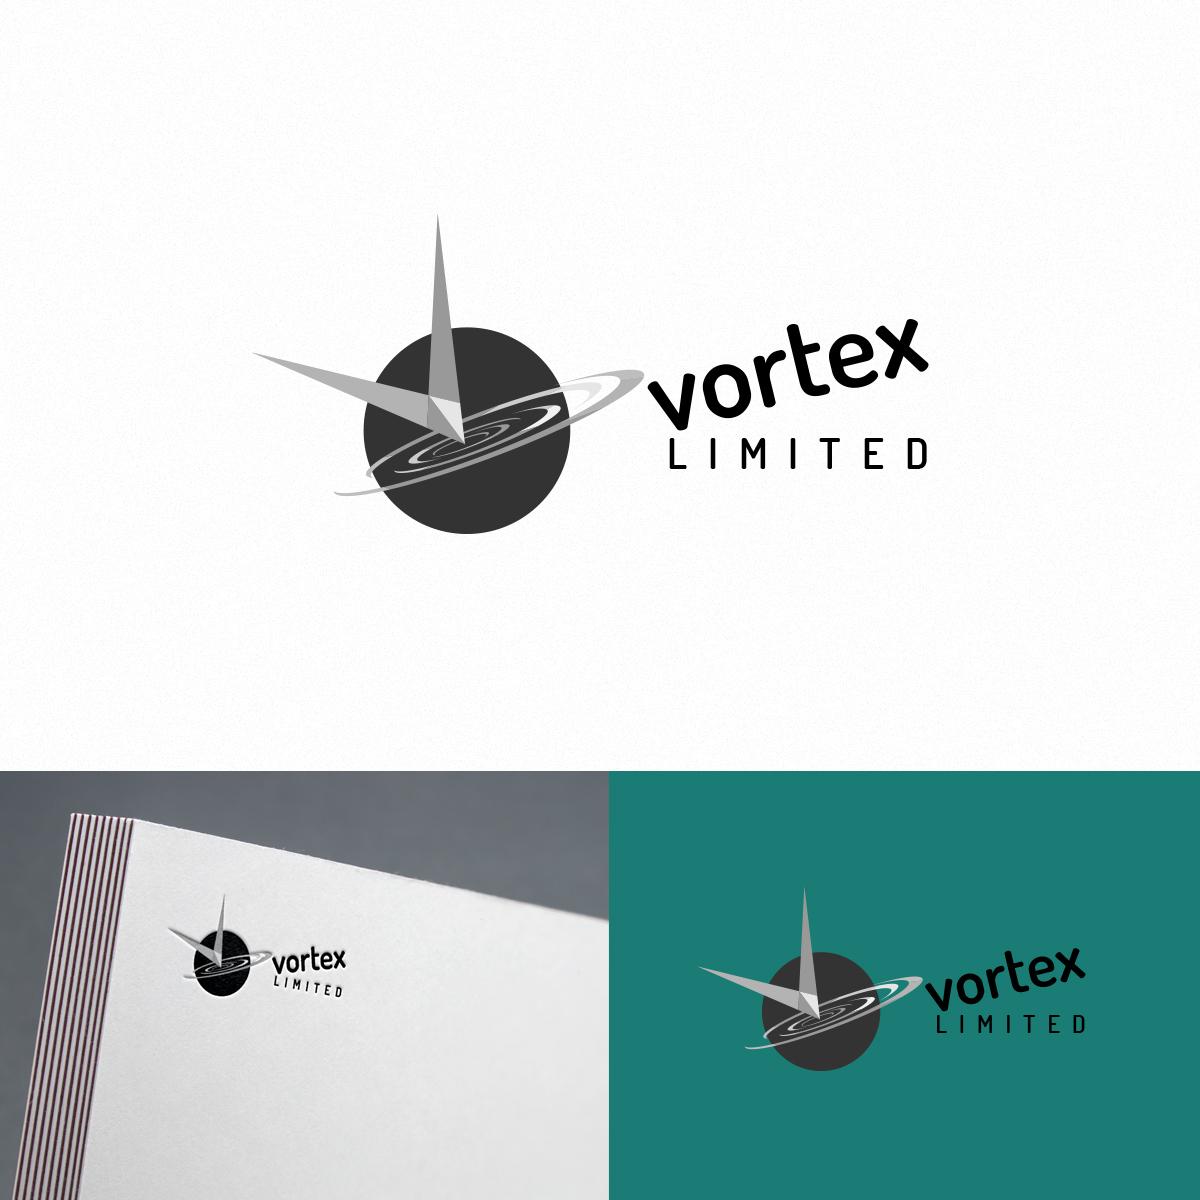 Elegant, Playful, Financial Logo Design for vortex limited by